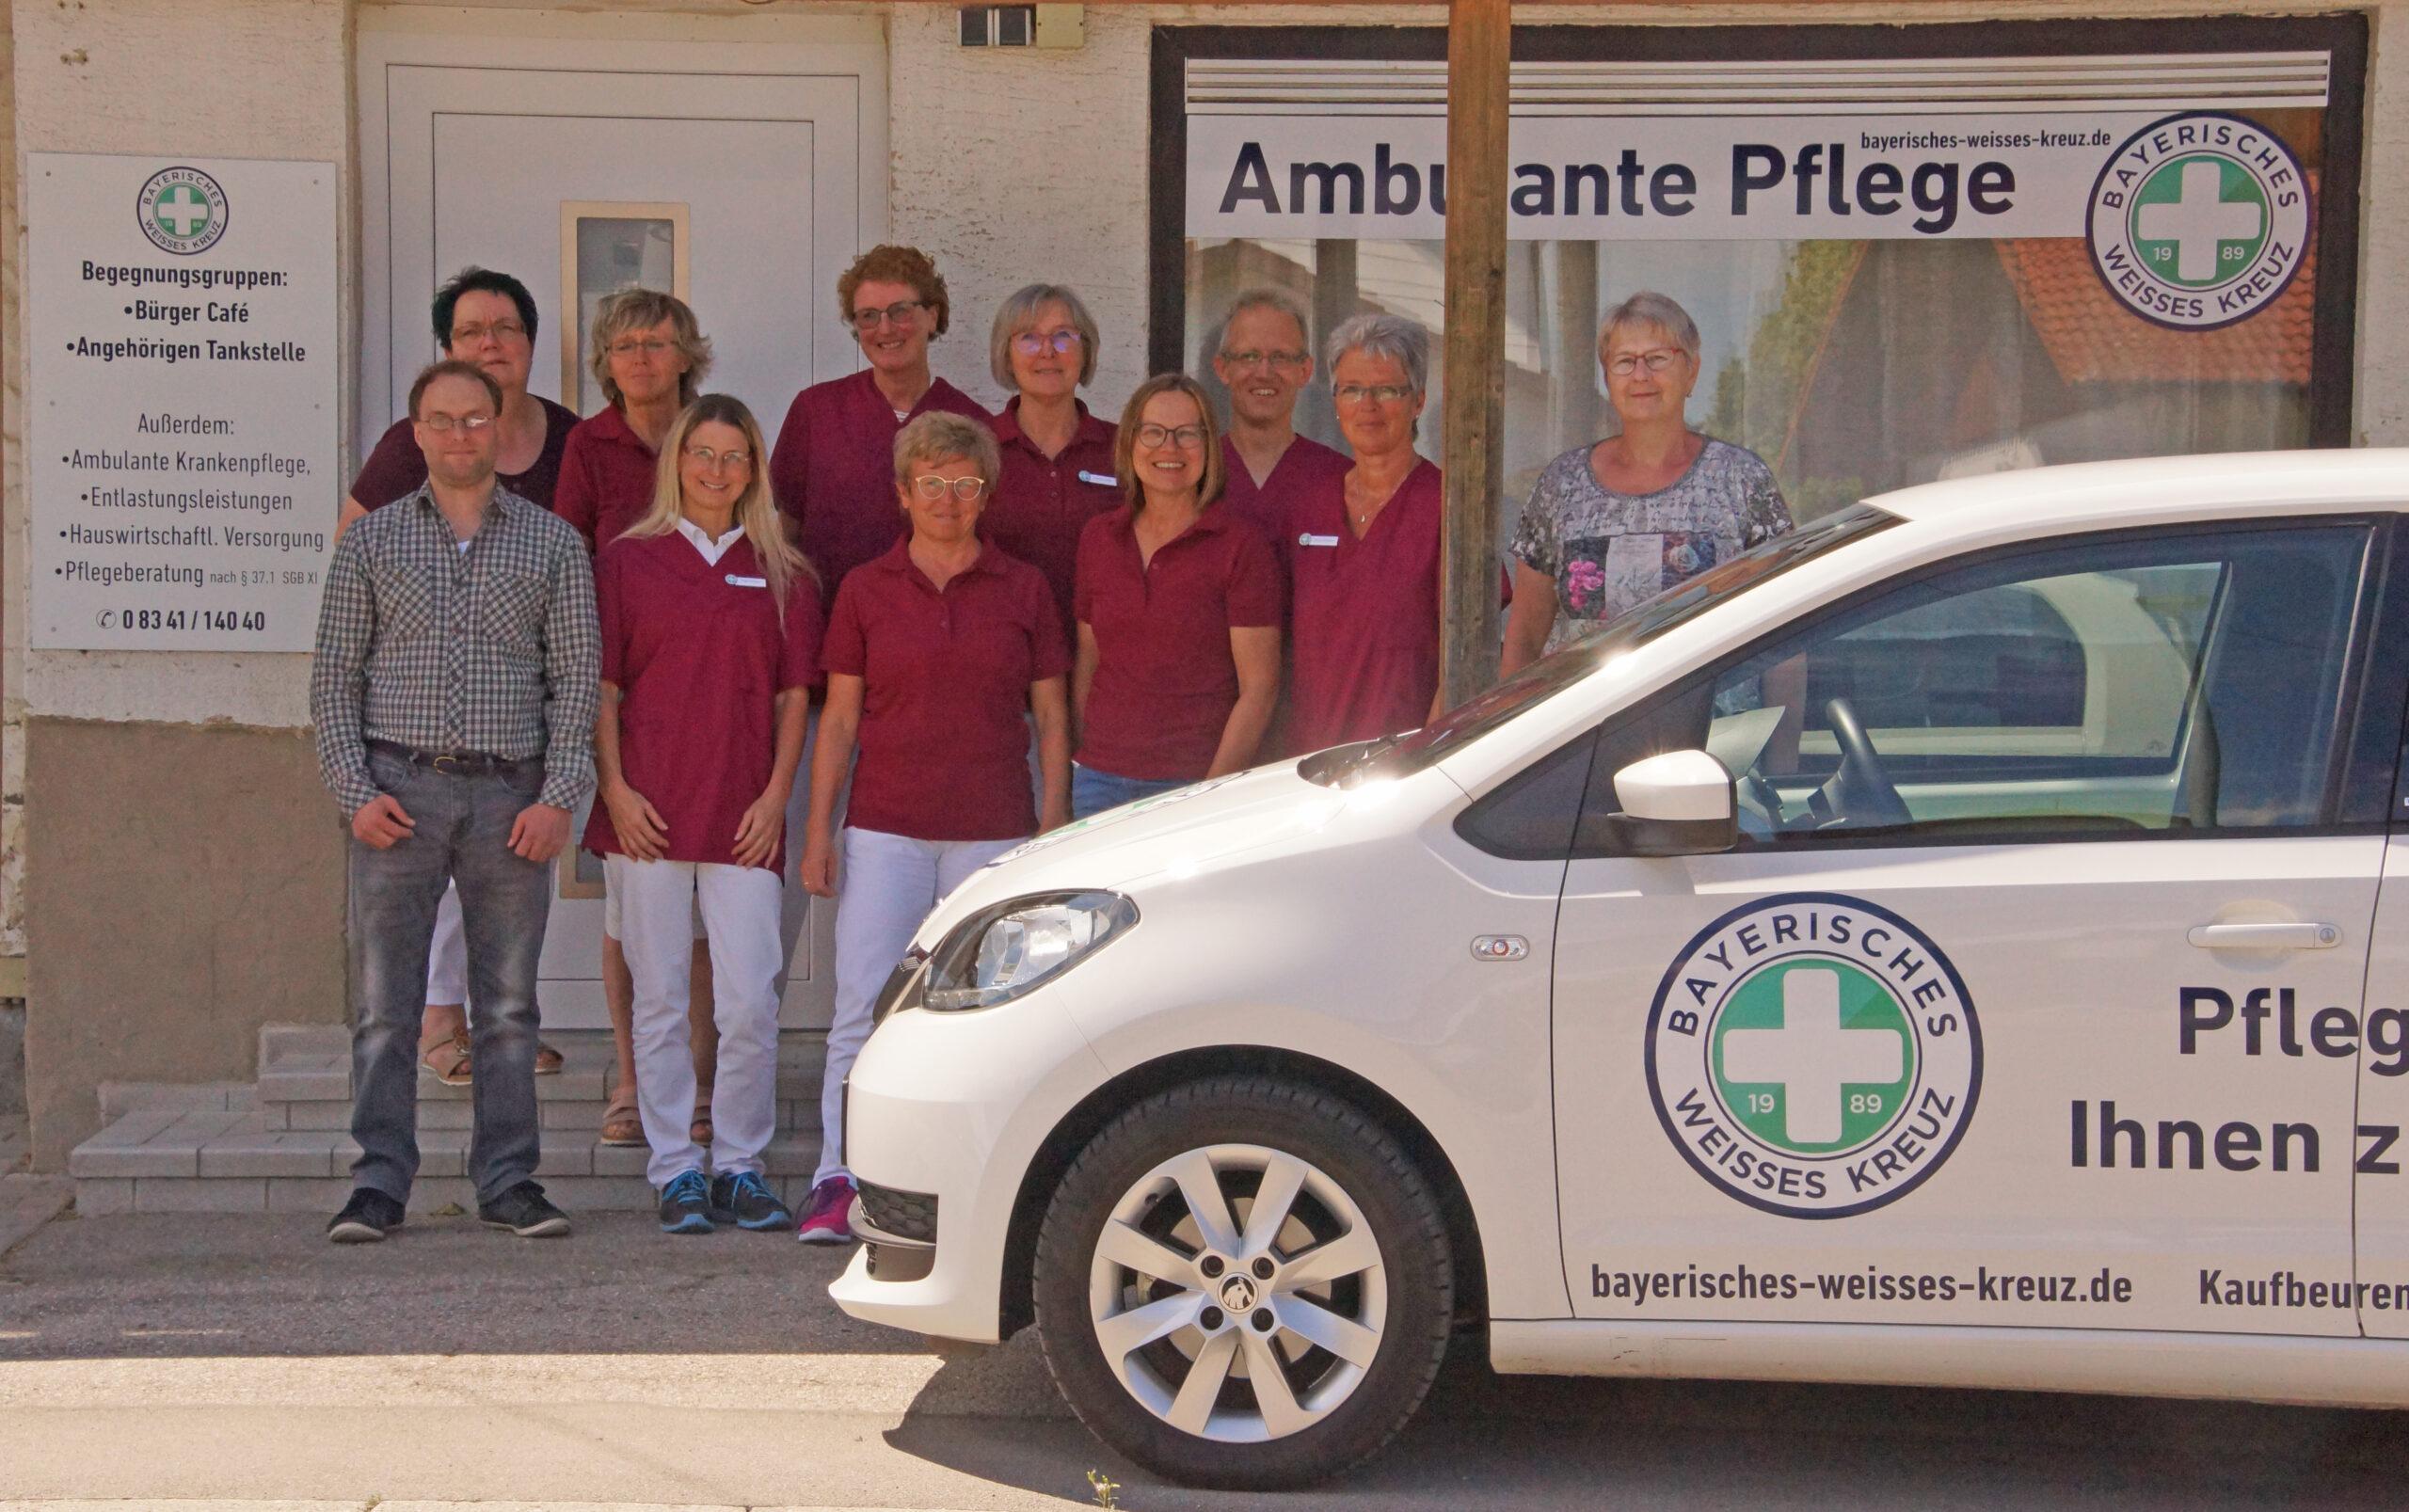 Willkommen beim Bayerischen Weissen Kreuz, Ihrem Sozialdienstleister in Kaufbeuren und Umgebung. Sie brauchen unsere Hilfe bei der Pflege, eine Beratung oder haben Fragen / Anregungen, dann schreiben Sie uns oder rufen Sie uns an.